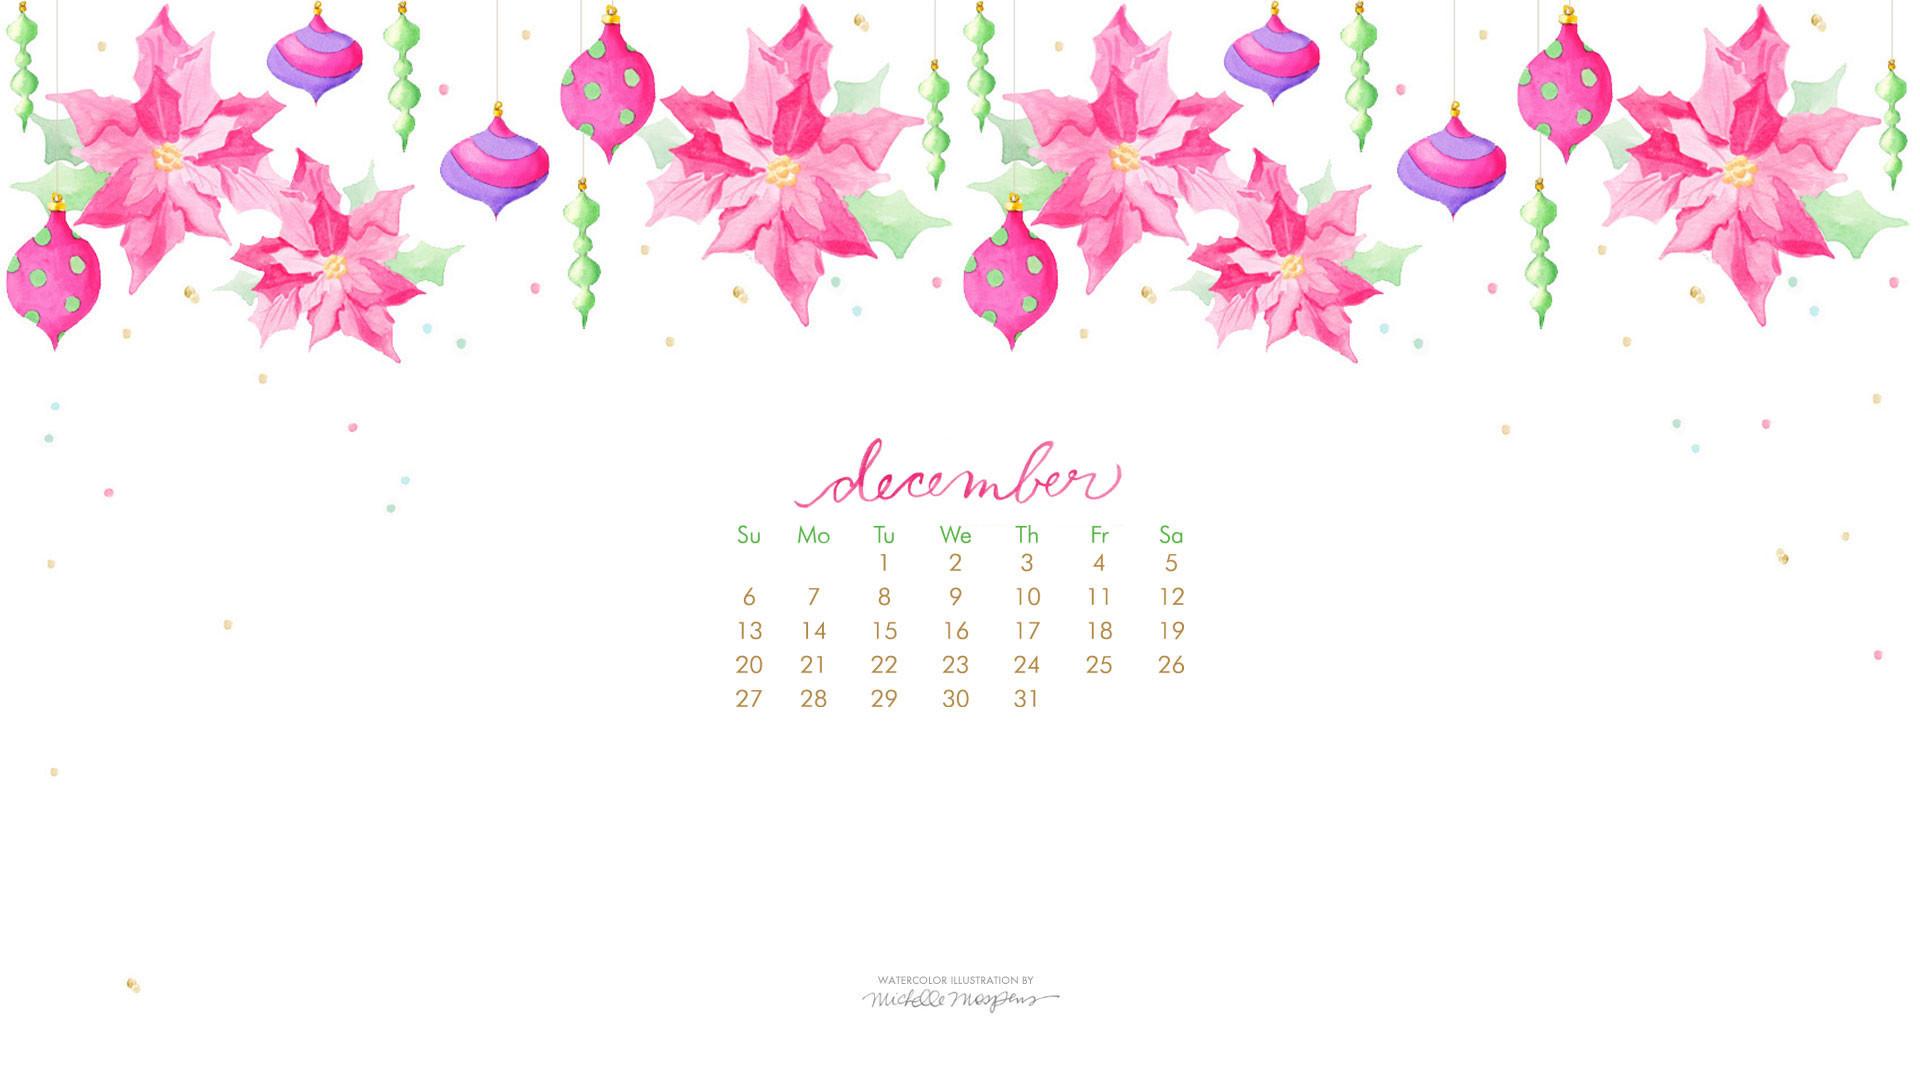 [ Download December Calendar 1920 x 1080 Wallpaper ]